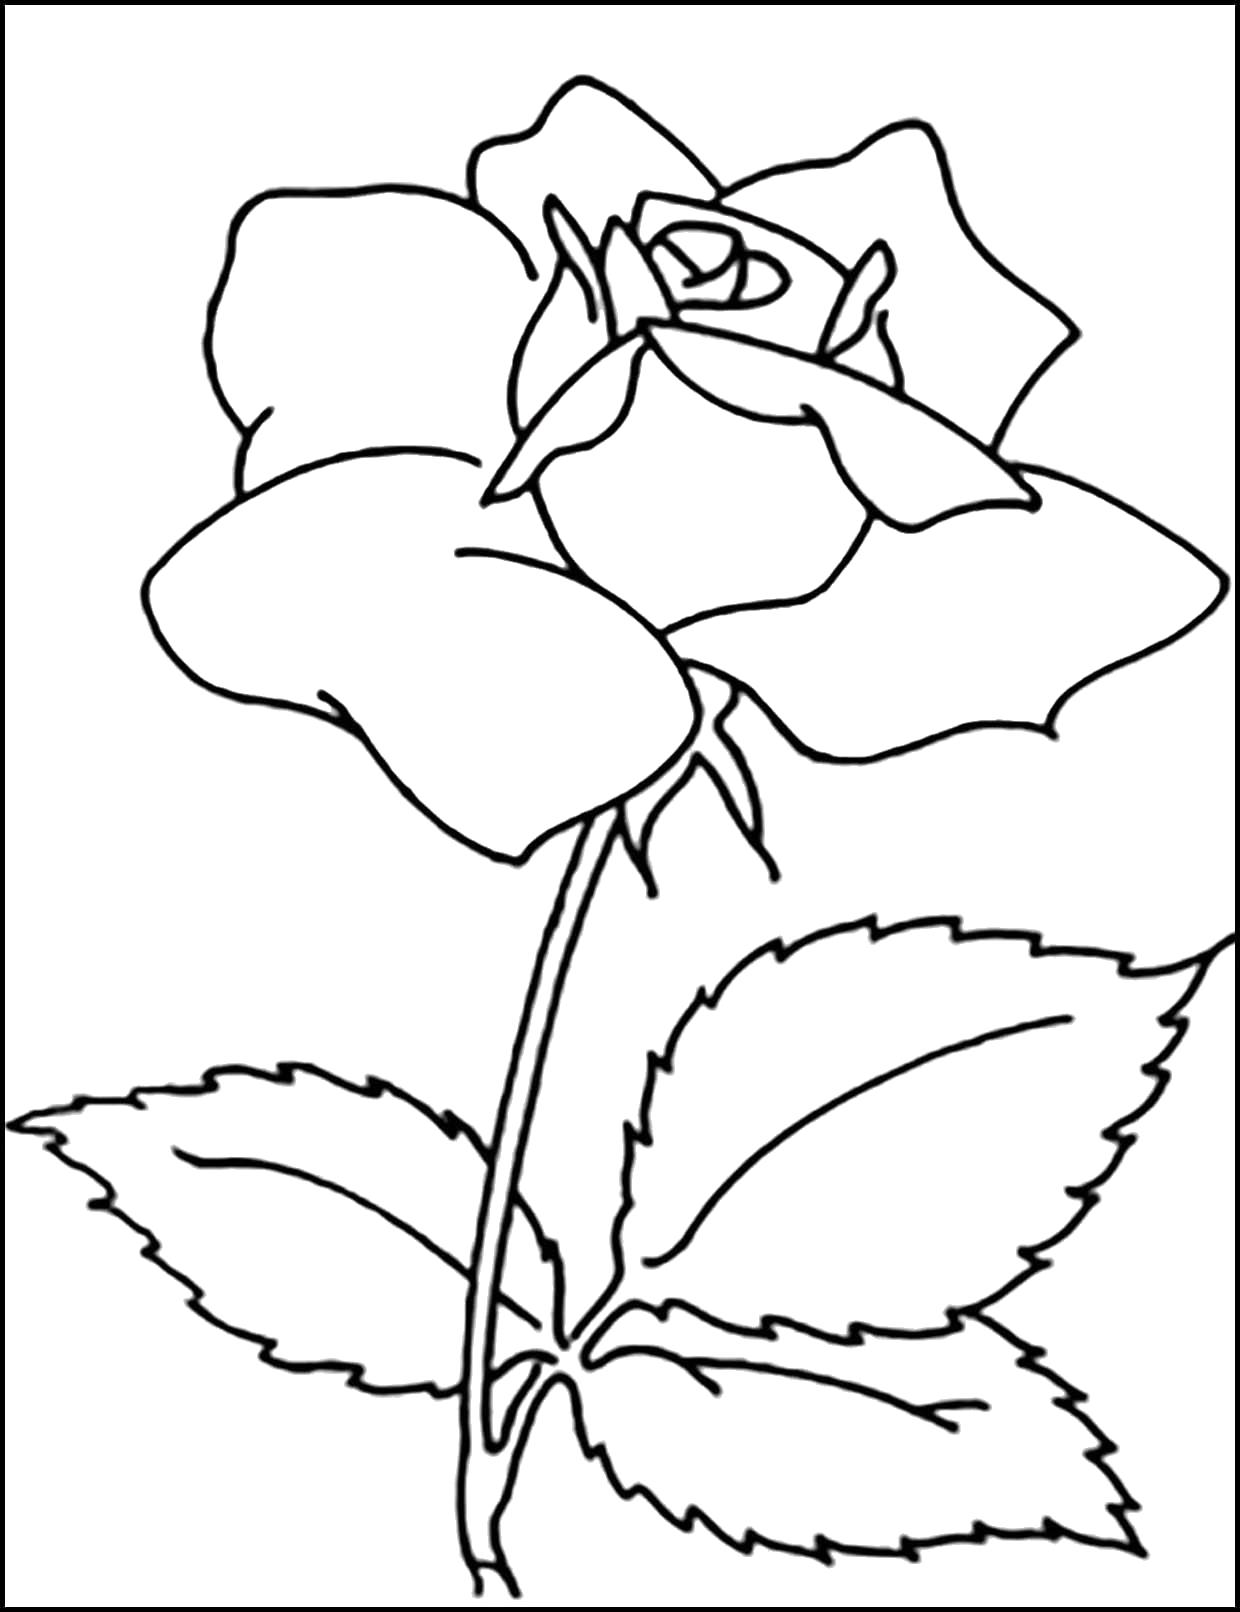 Раскраска Раскраска роза. 8 марта